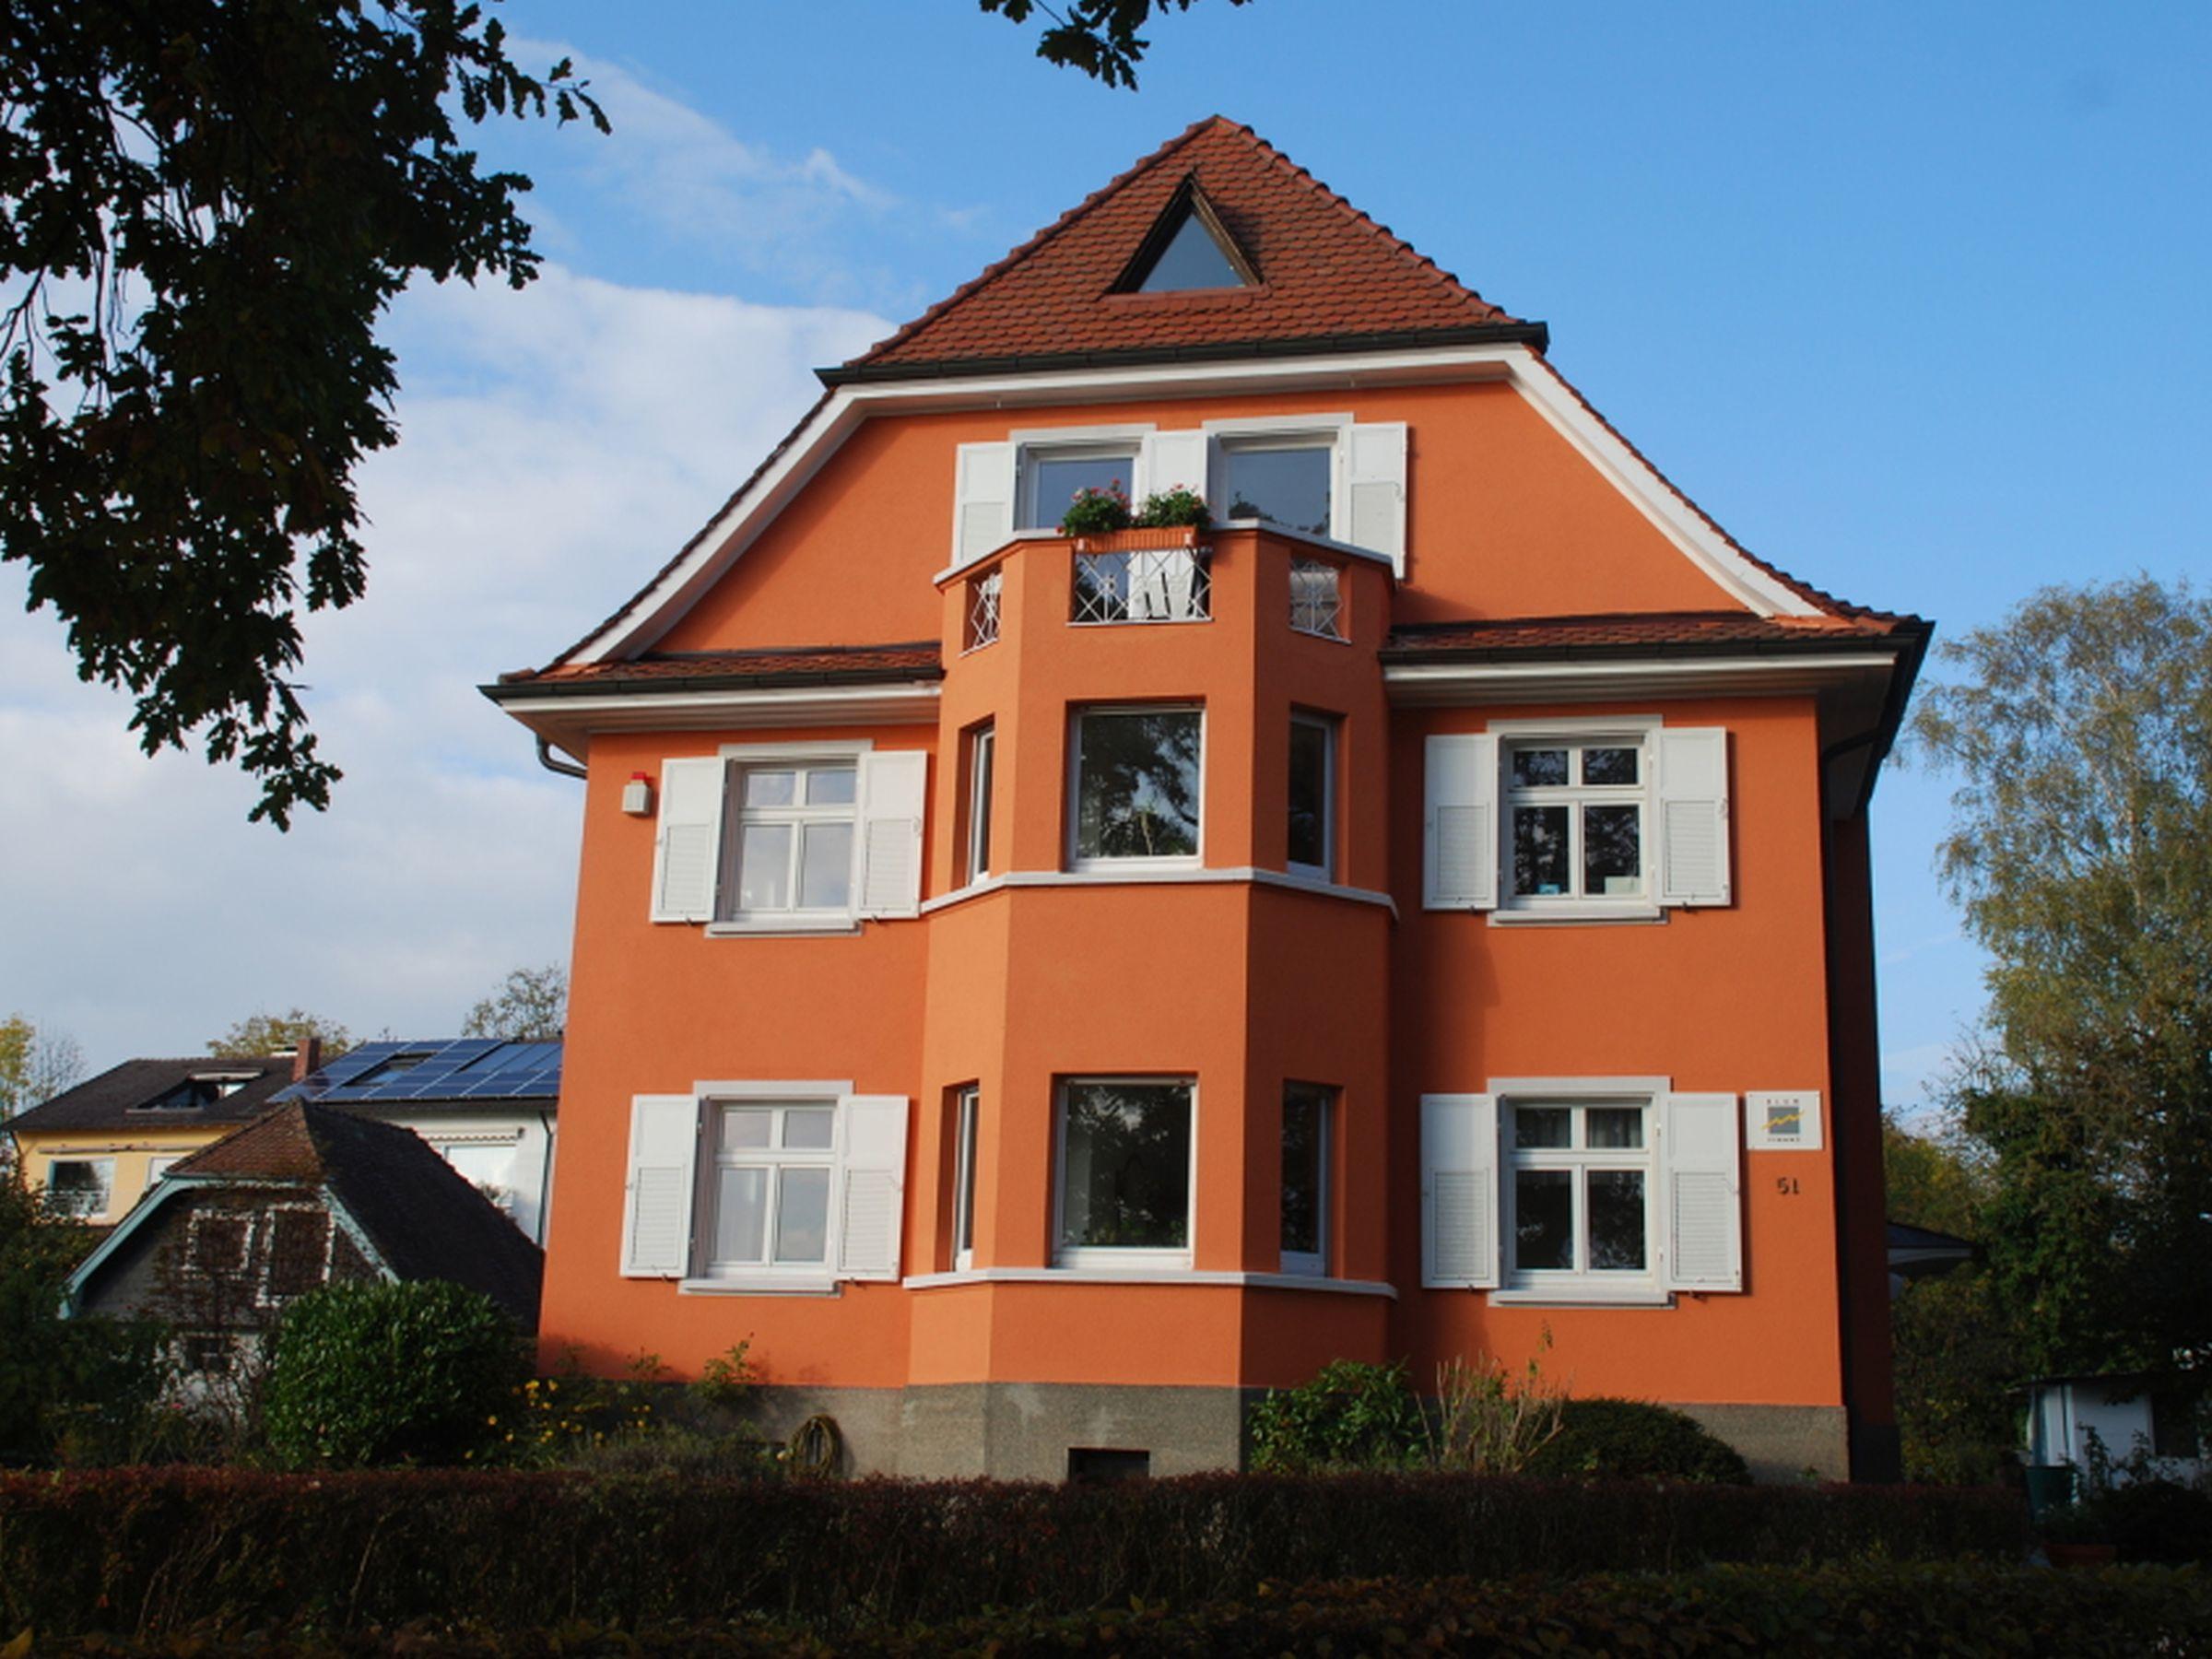 Blum Ferienwohnung, (Konstanz). Rotes Haus üb